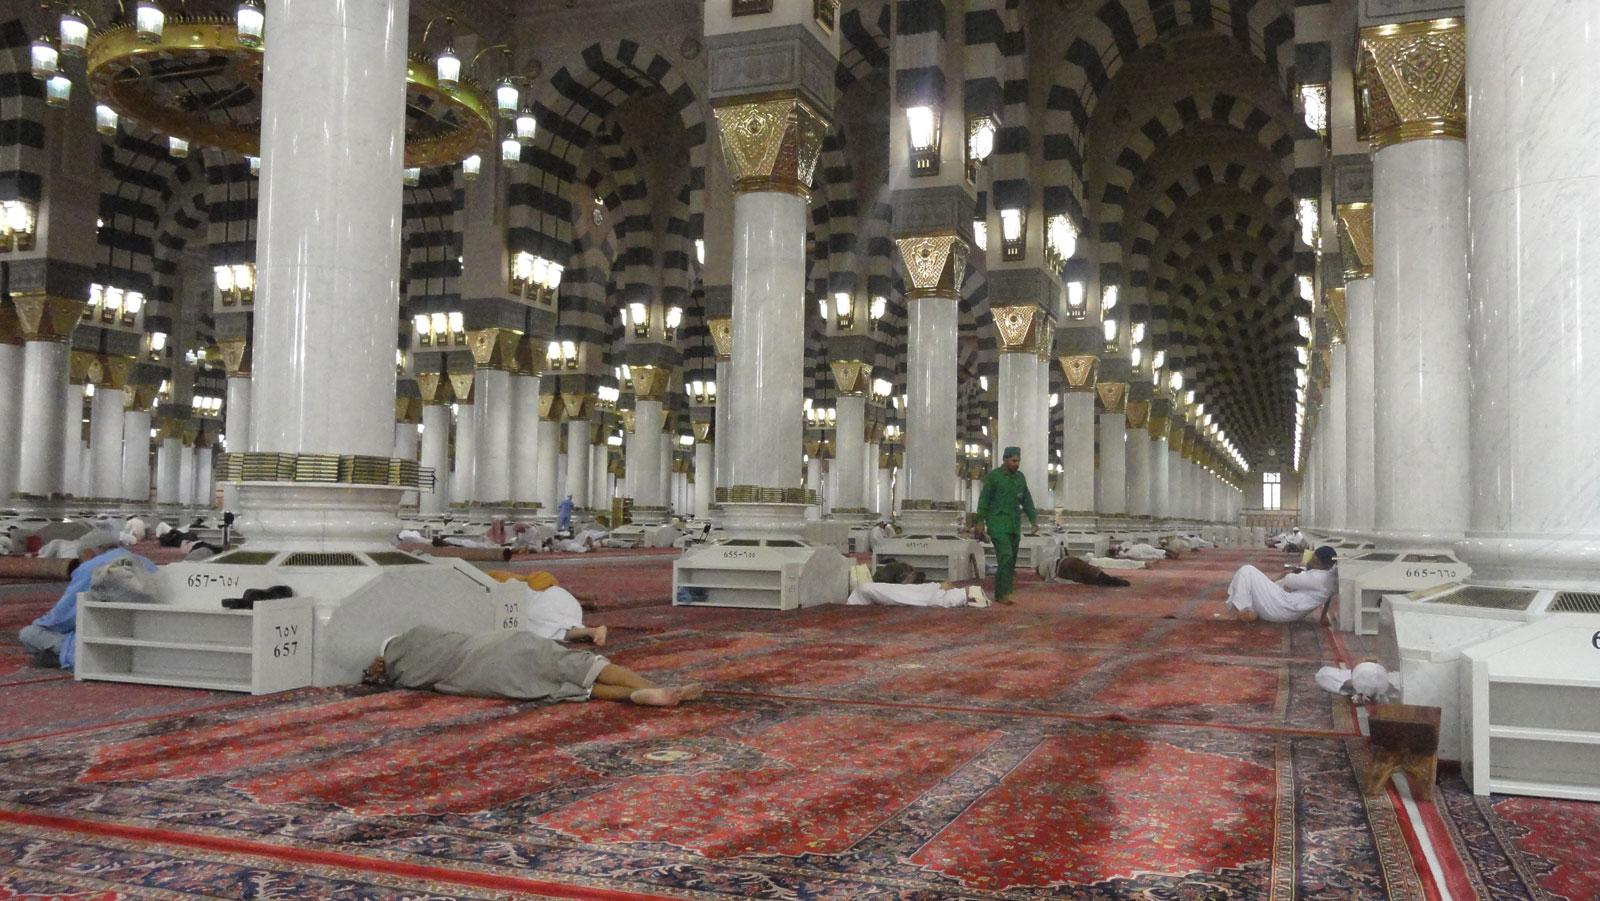 مسجدالنبی - خواب در مسجدالنبی